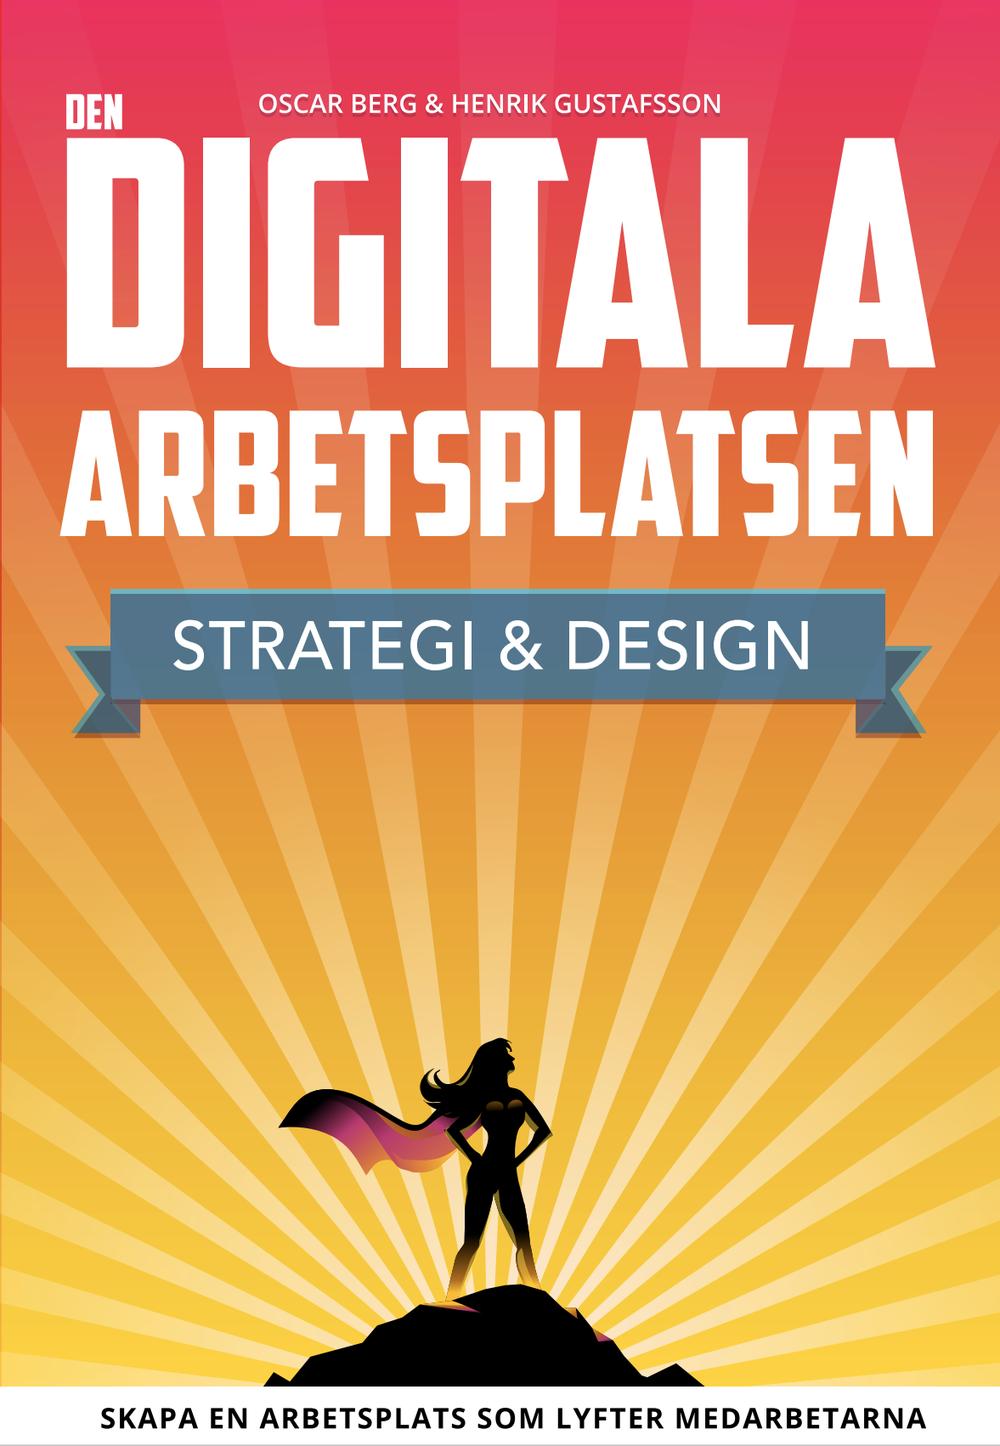 NYHET! I april kommer en ny utgåva av Den digitala arbetsplatsen -bättre, snyggare och billigare! - Håll ögonen öppna!